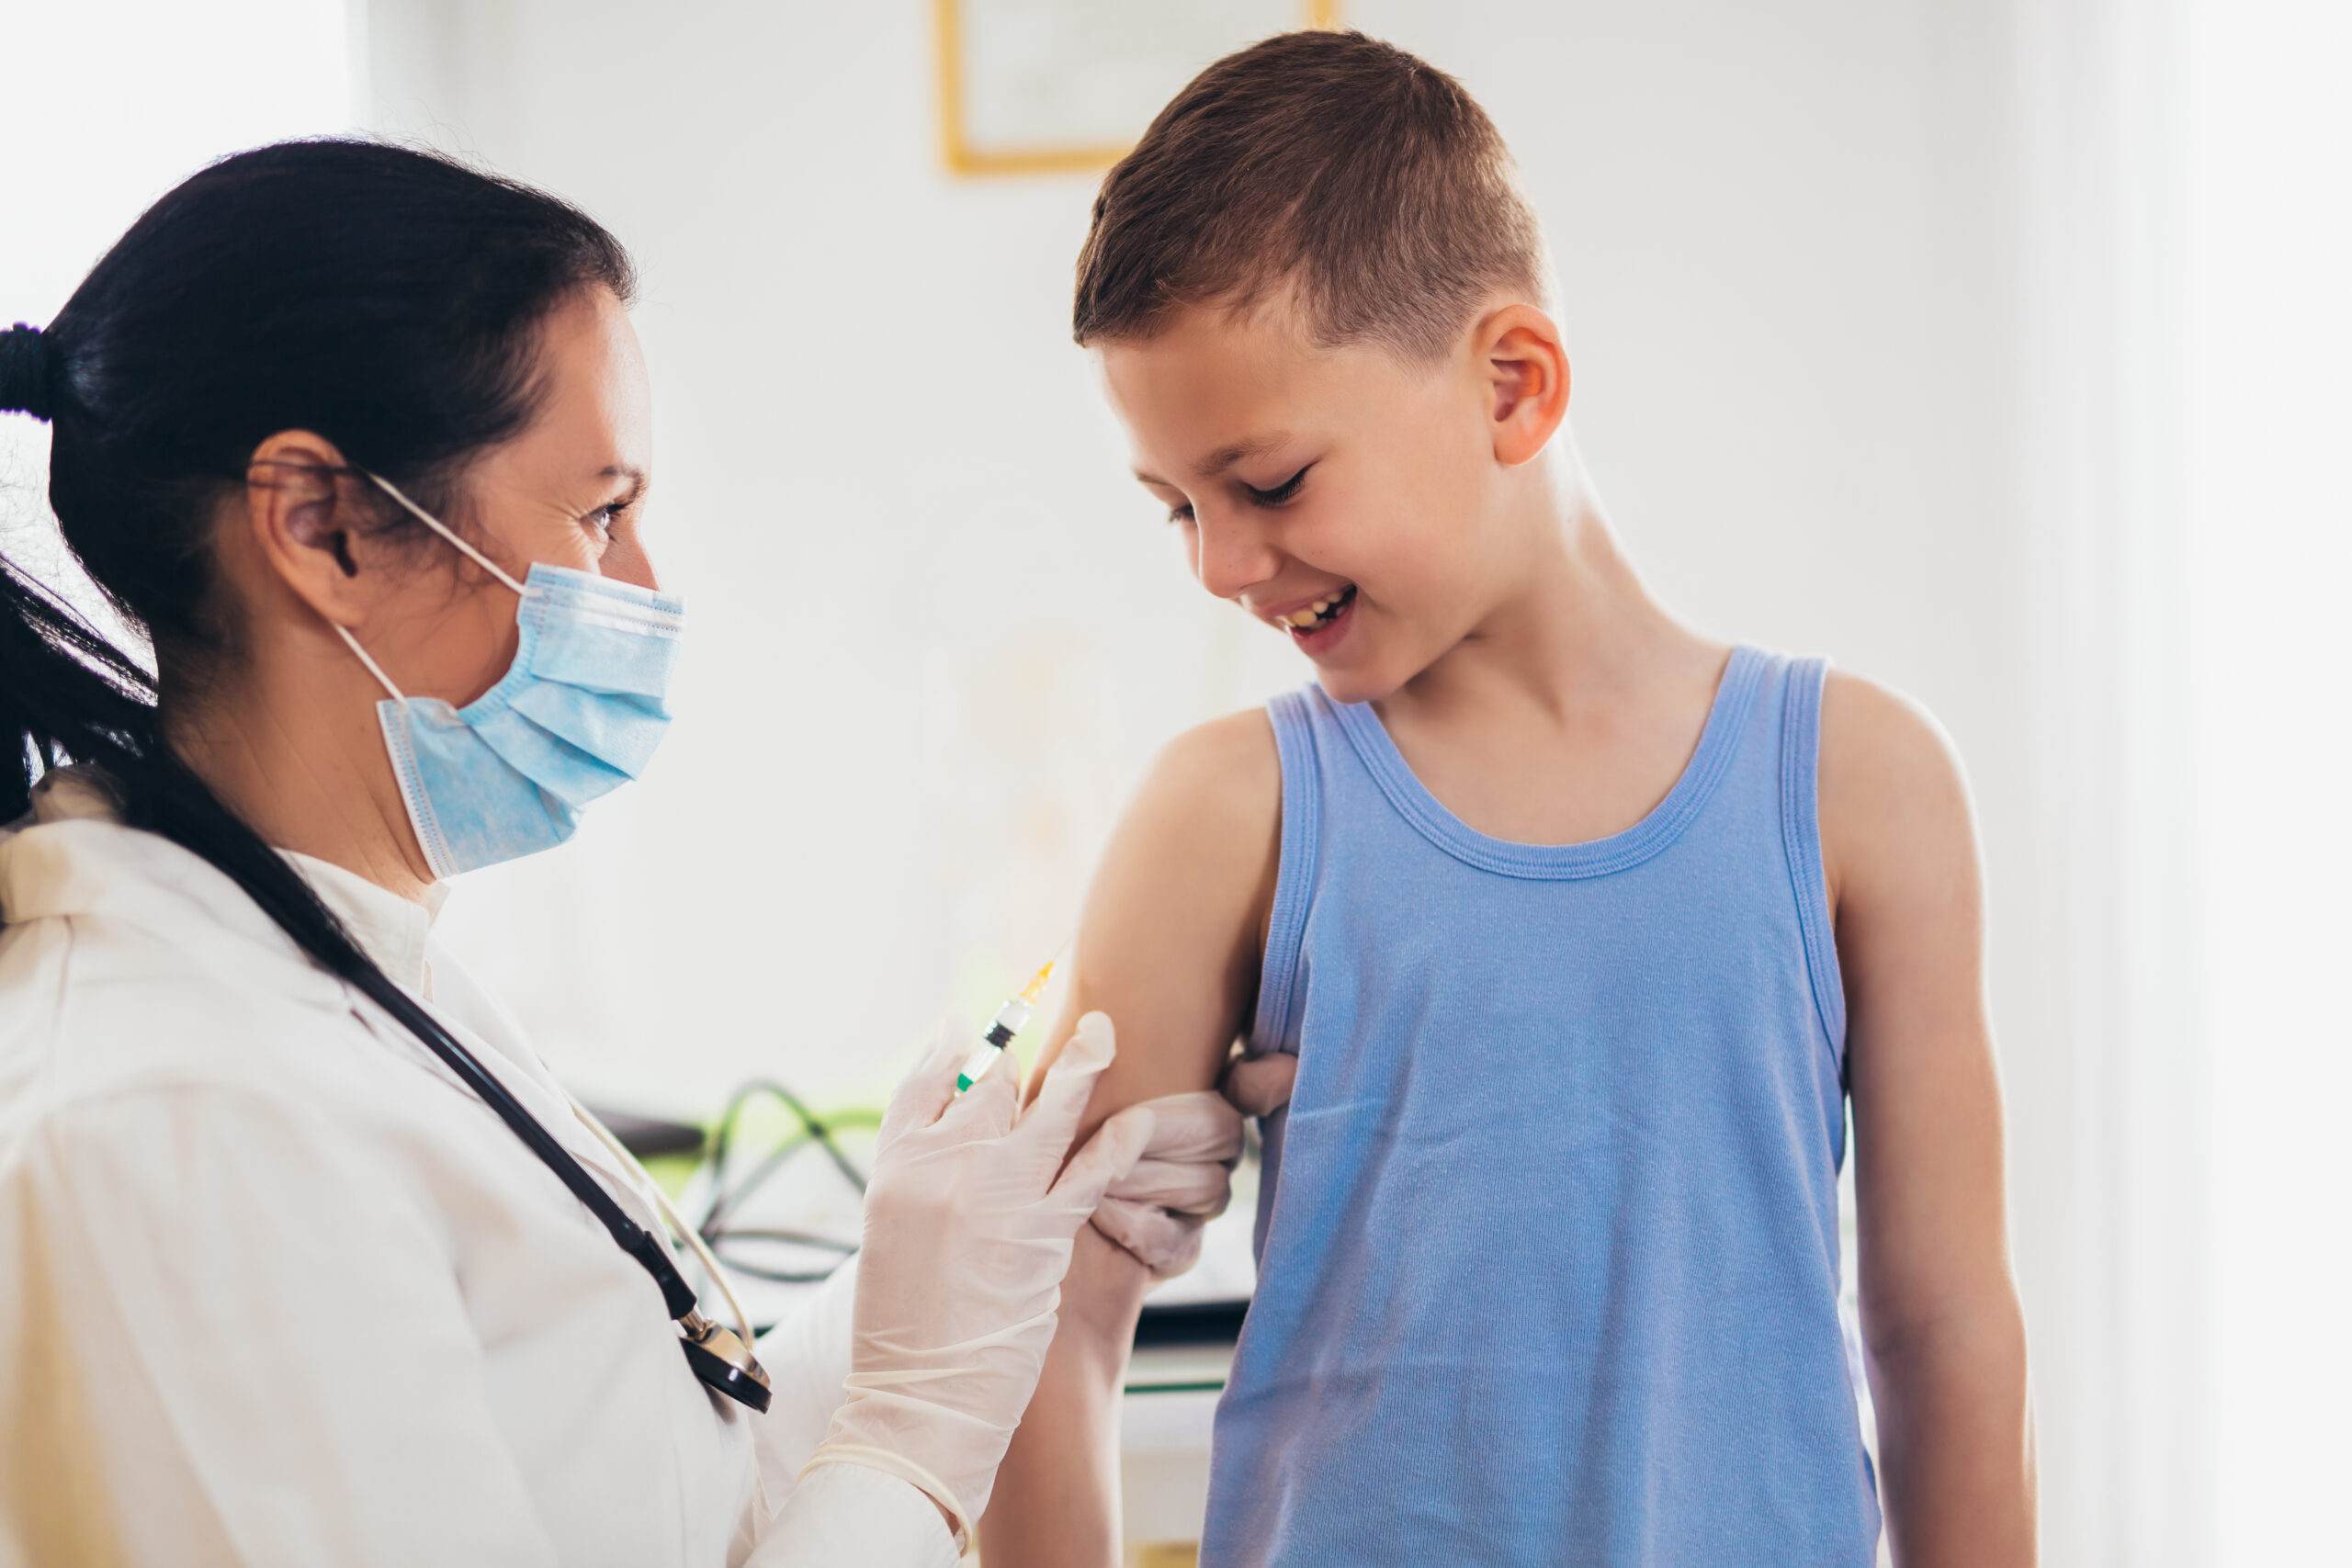 החל מהיום במכבי שירותי בריאות בקרית שמונה: חיסונים נגד נגיף הקורונה לגילאי 12-16